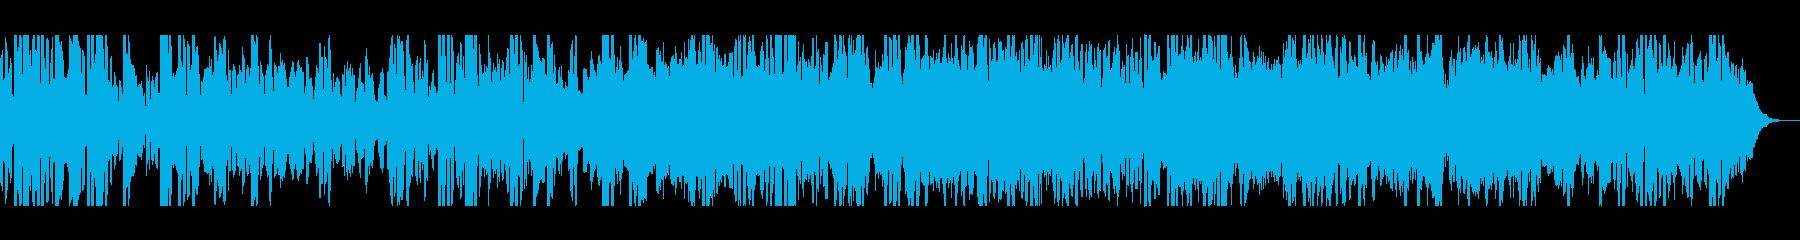 キラキラした不思議な音色のポップスの再生済みの波形